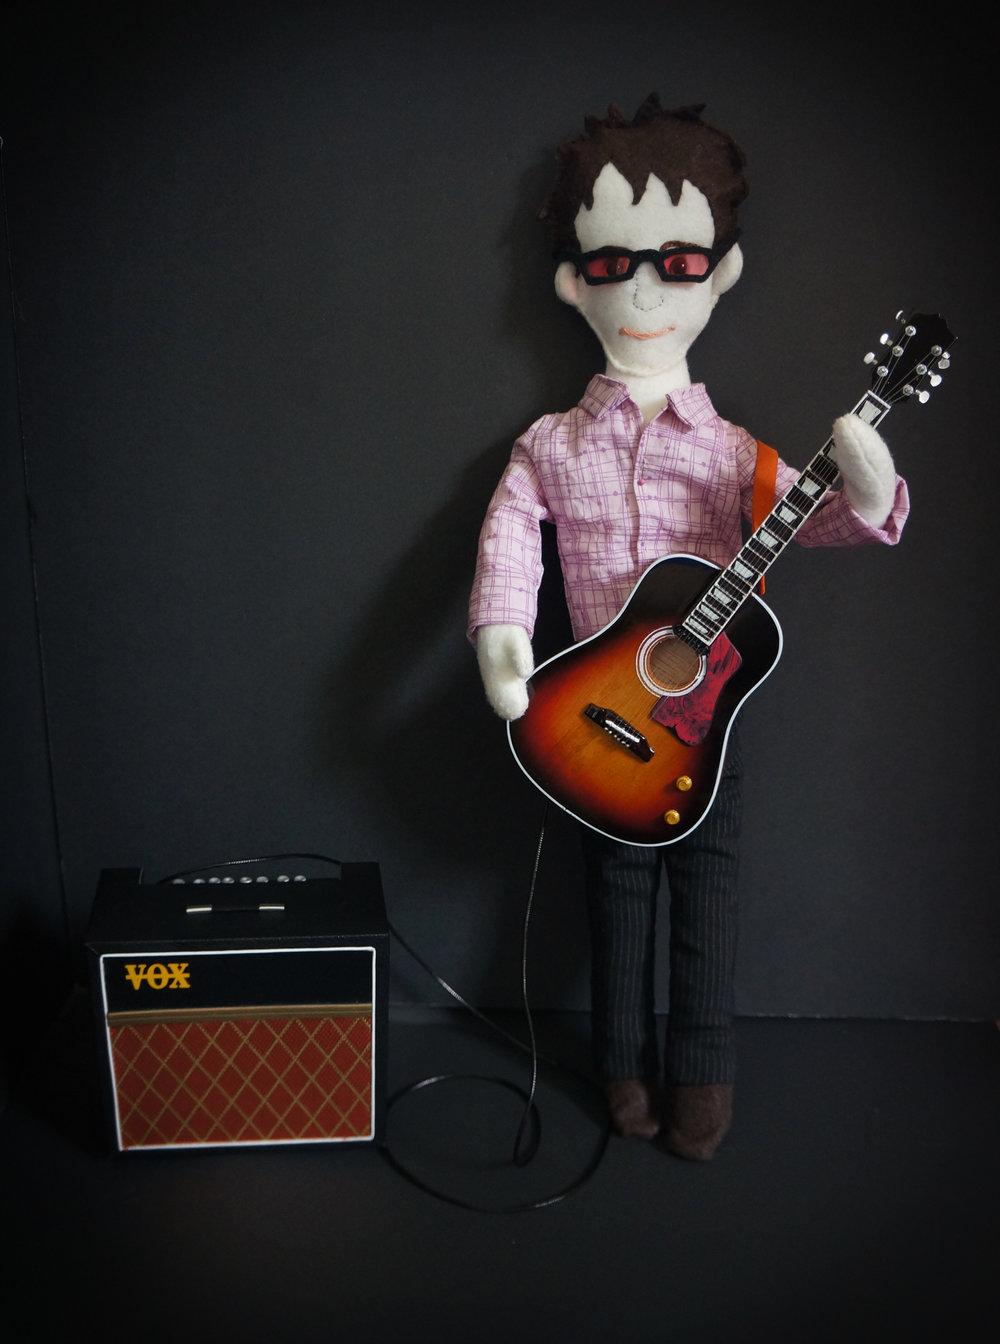 Mike Viola doll